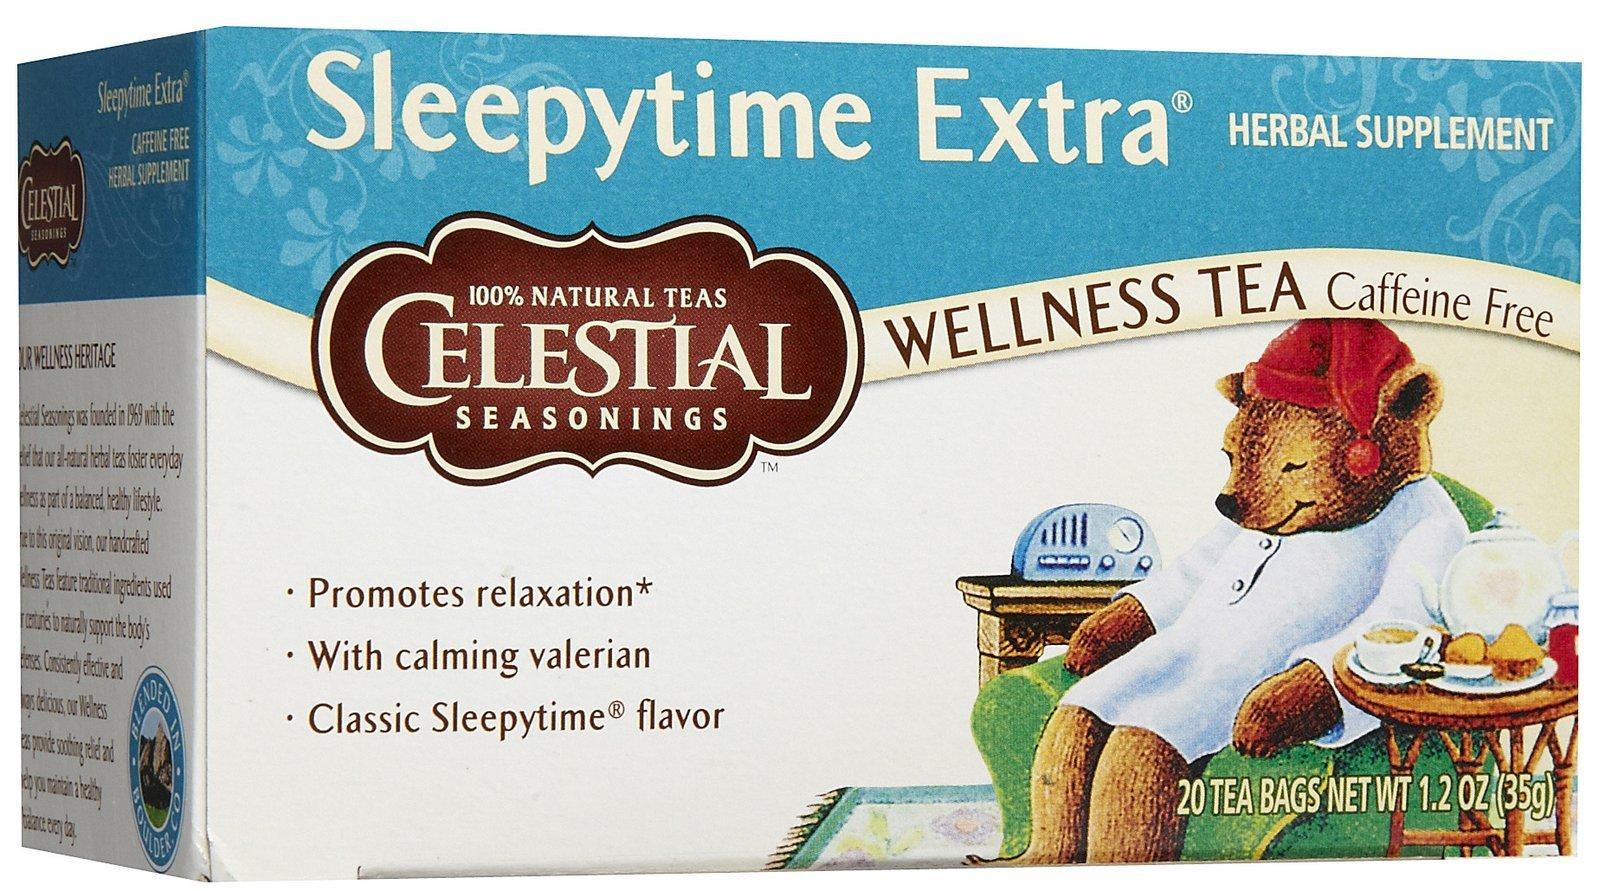 Celestial Seasonings Herb Tea Sleepytime Extra 20 Bag